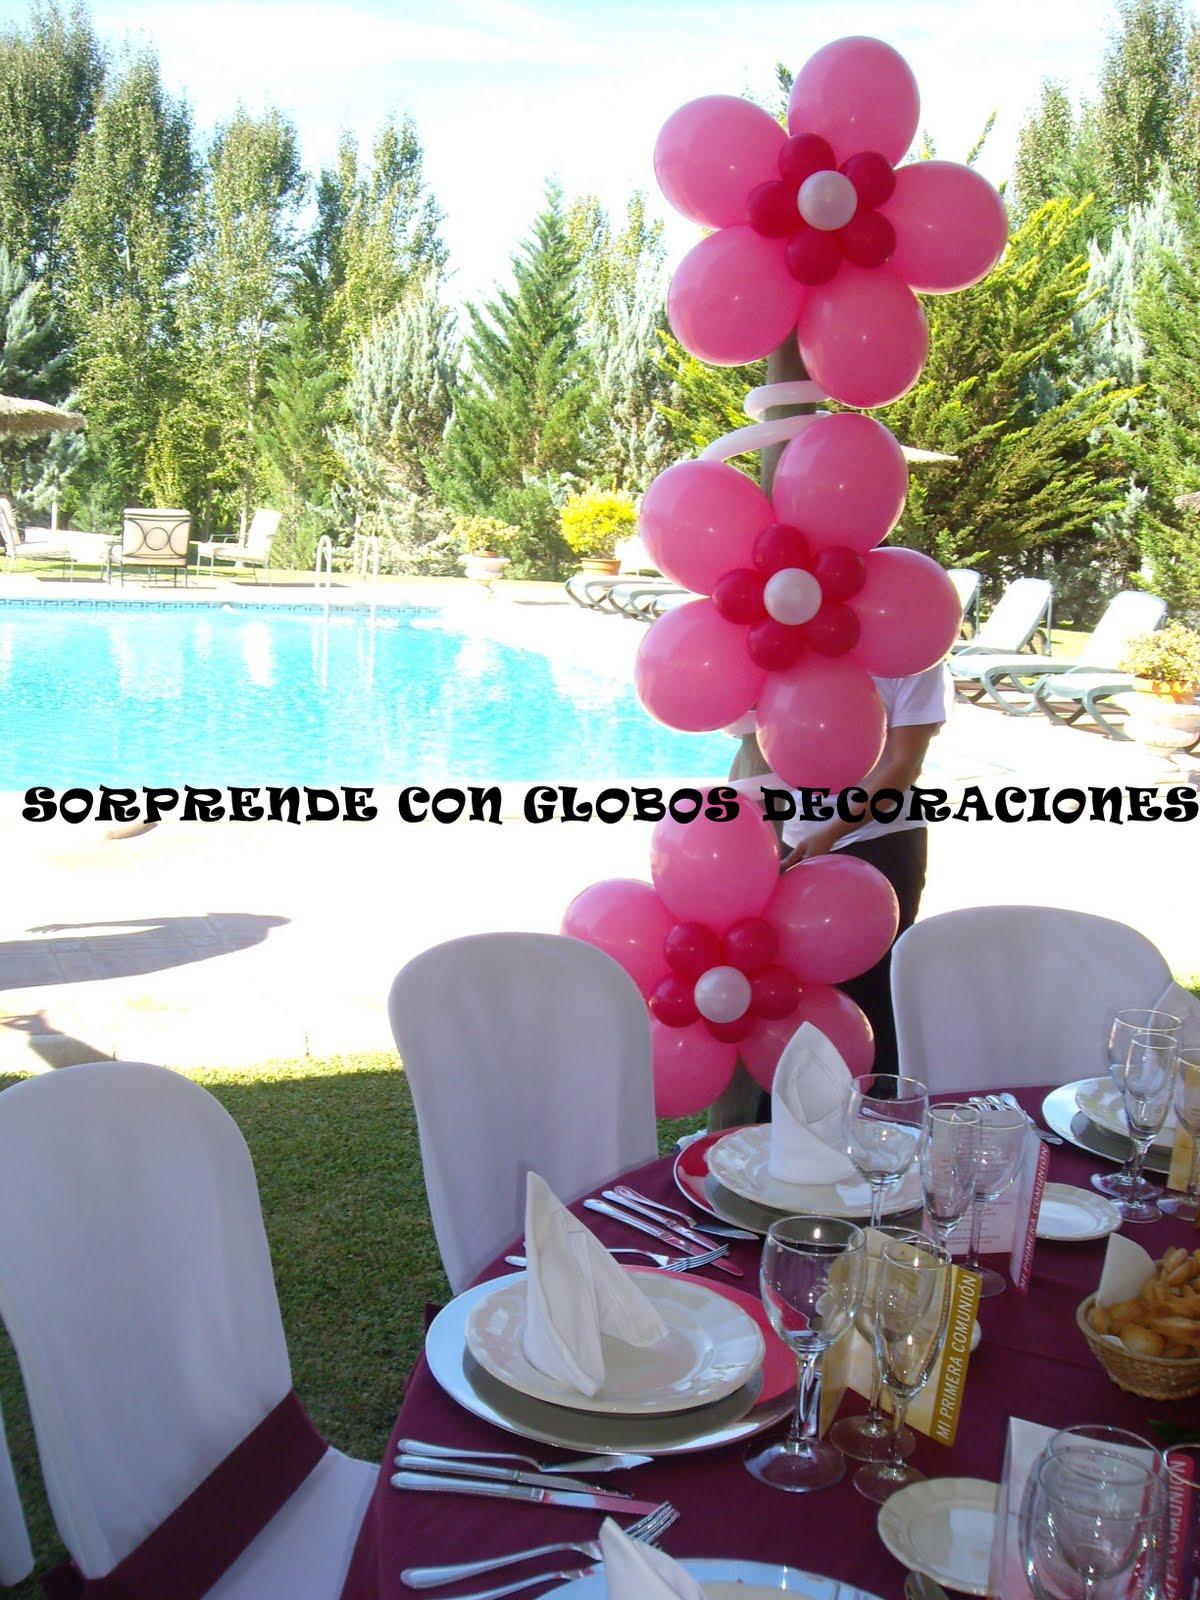 Sorprende con globos decoraciones comuniones 2011 - Decoracion con globos ...